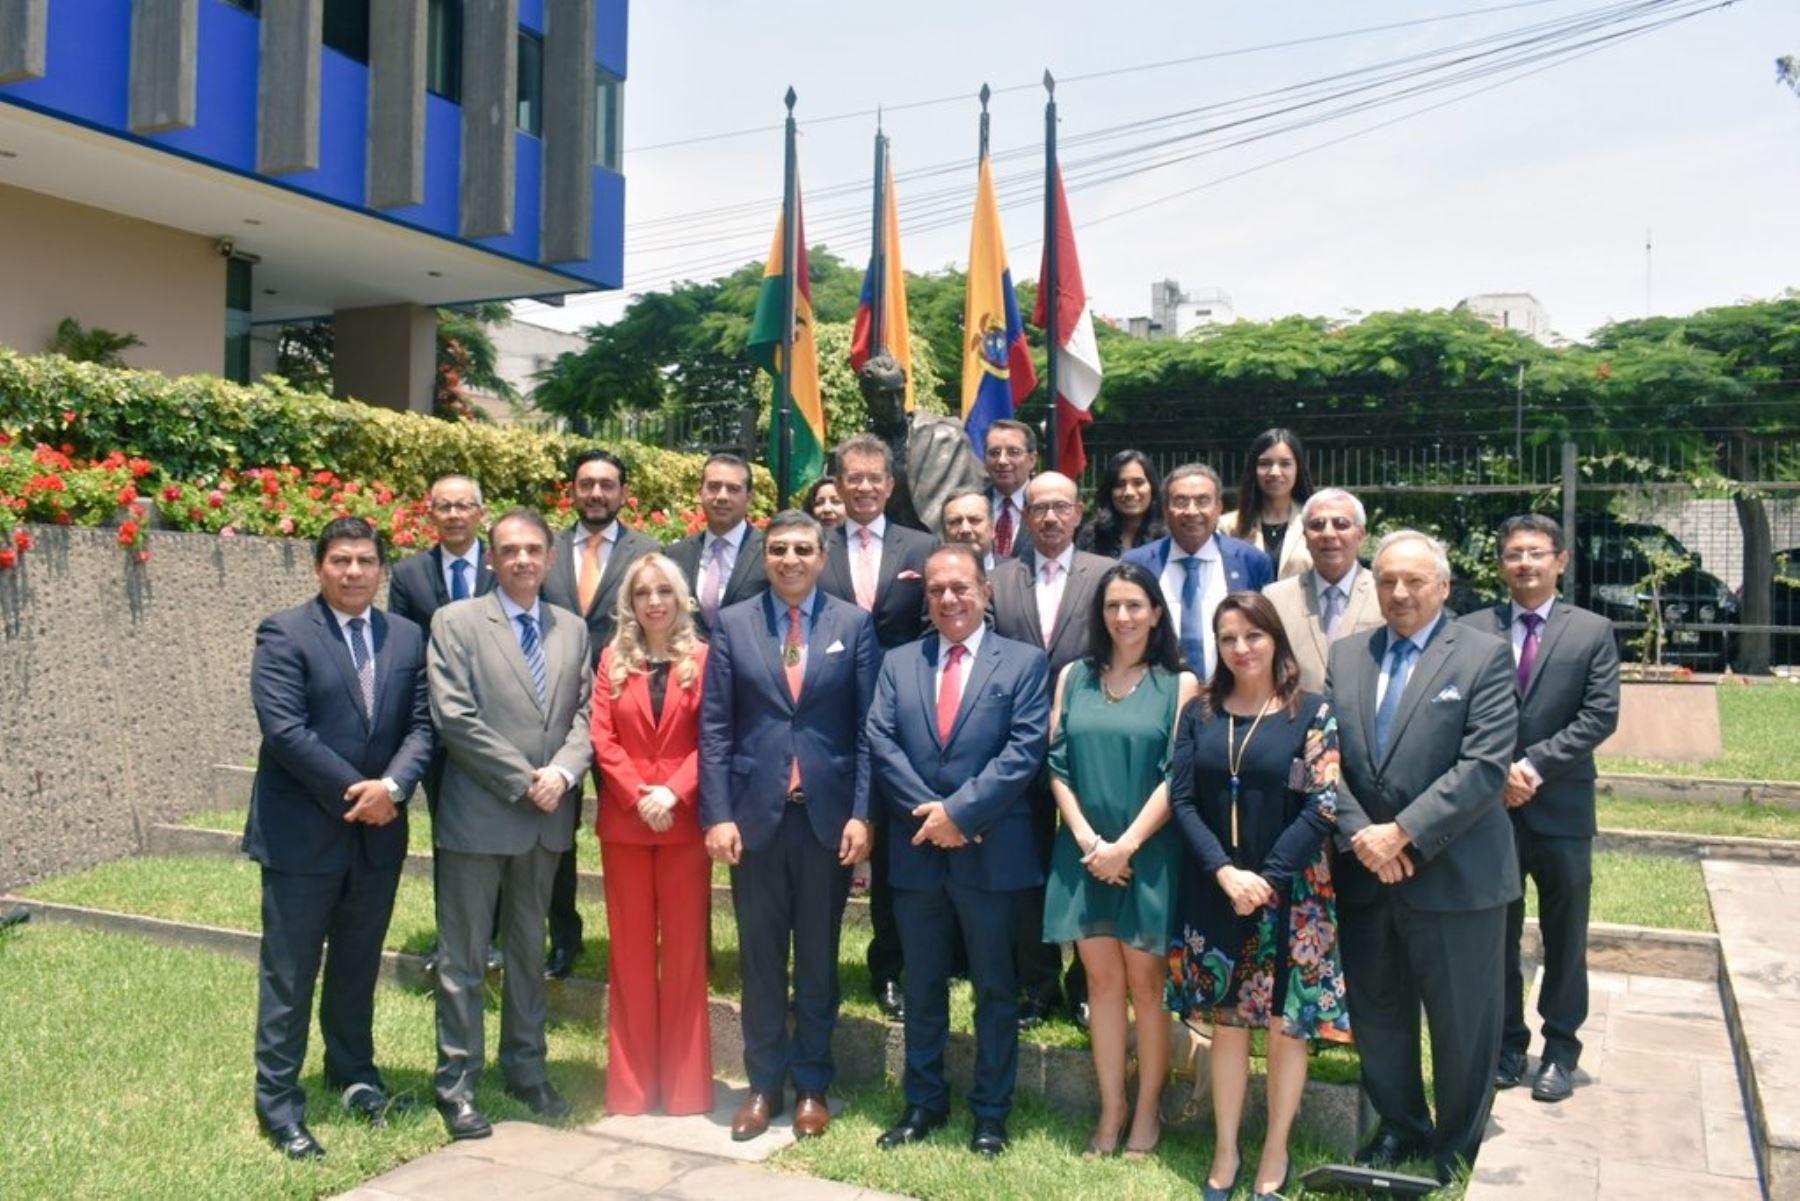 Consejo consultivo empresarial de la CAN, al centro, el secretario general de la Comunidad Andina, Jorge Hernando Pedraza. Foto: Cortesía.